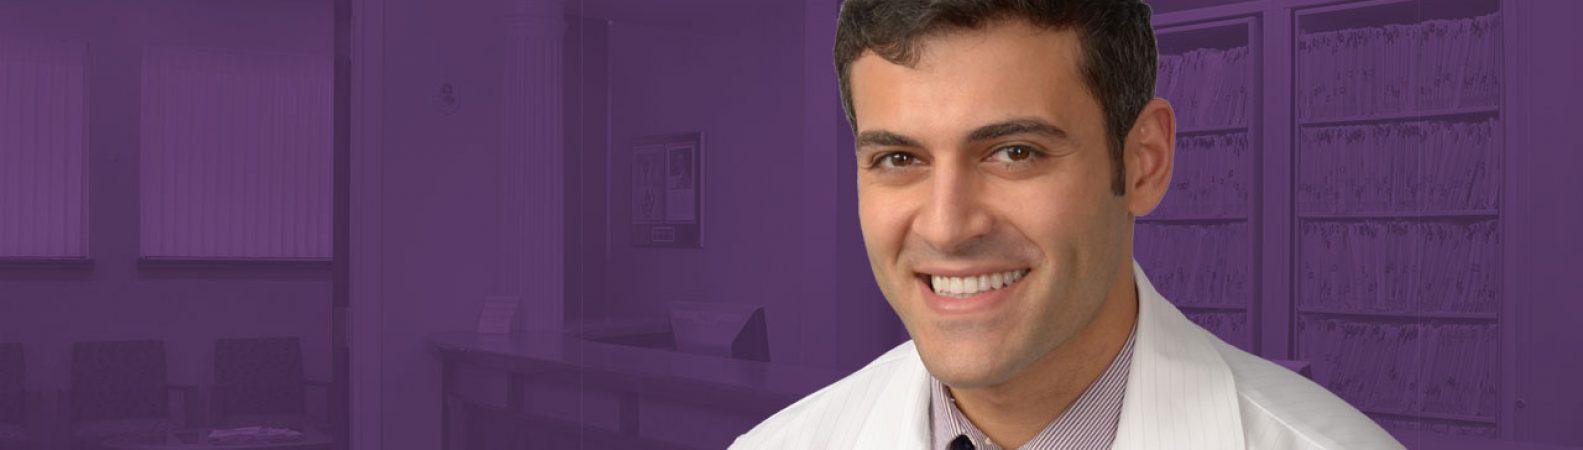 Isaak Yelizar, D.D.S. – Board Certified Orthodontist